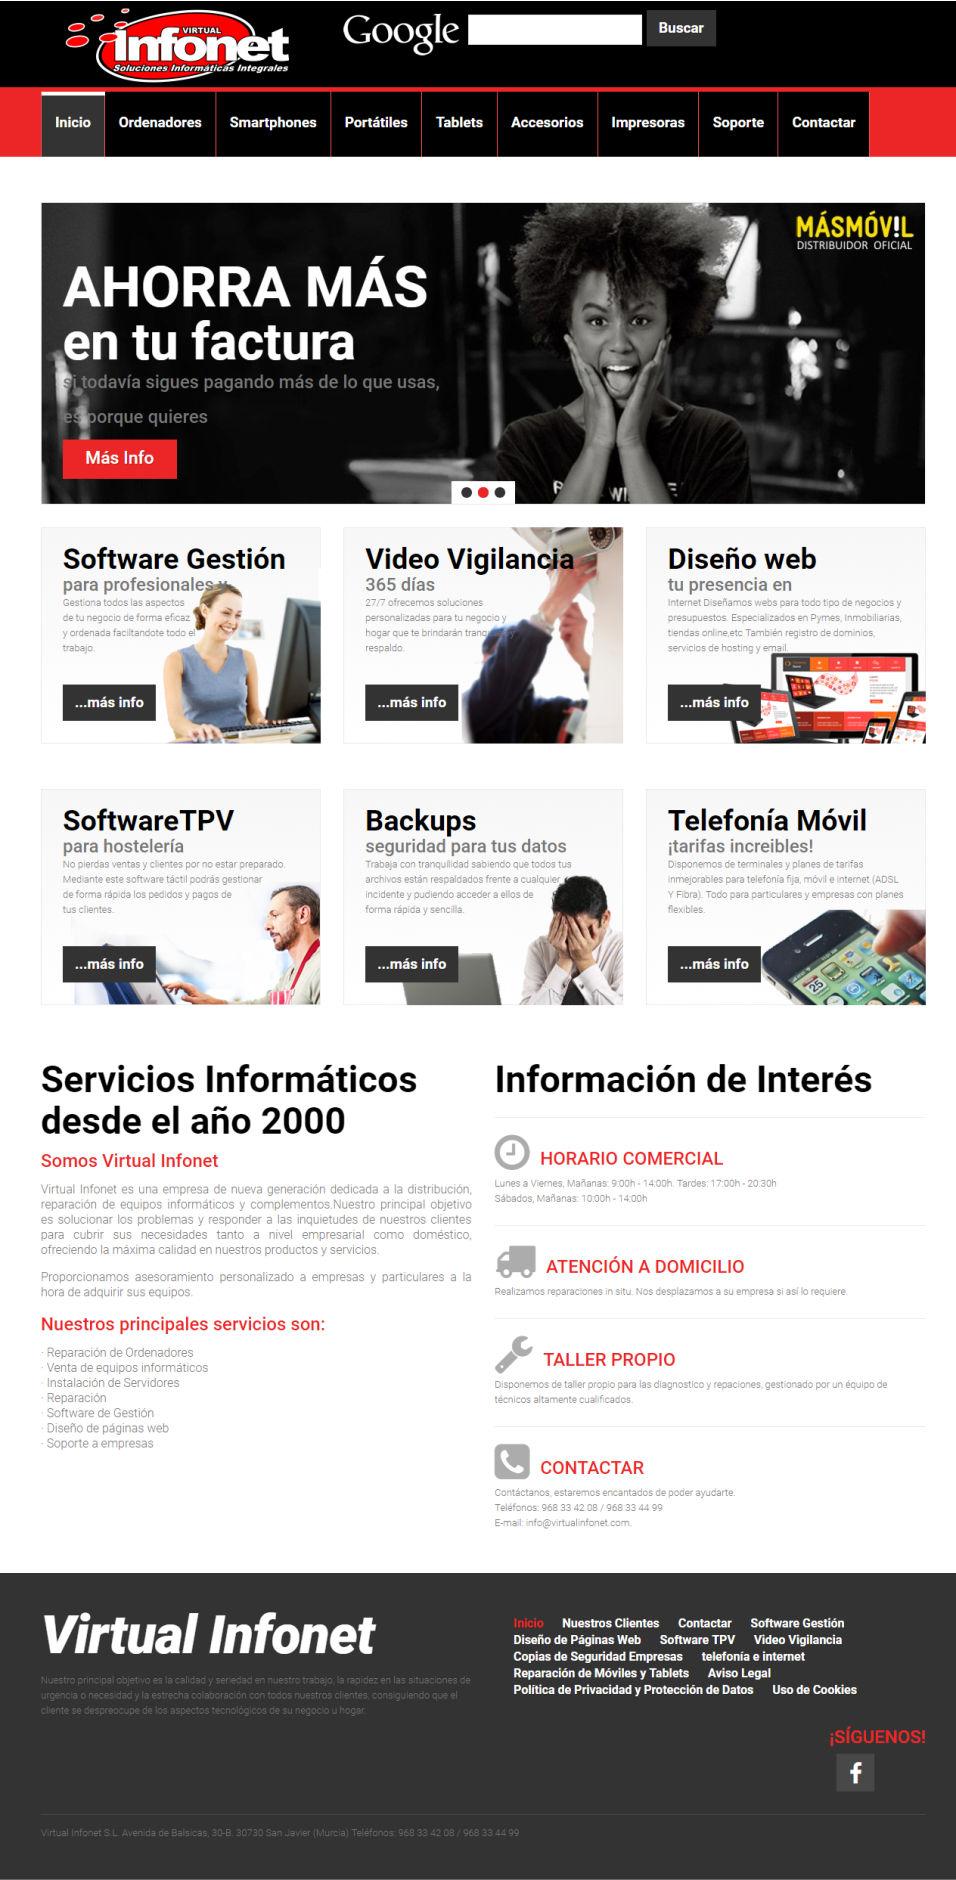 virtualinfonet.com